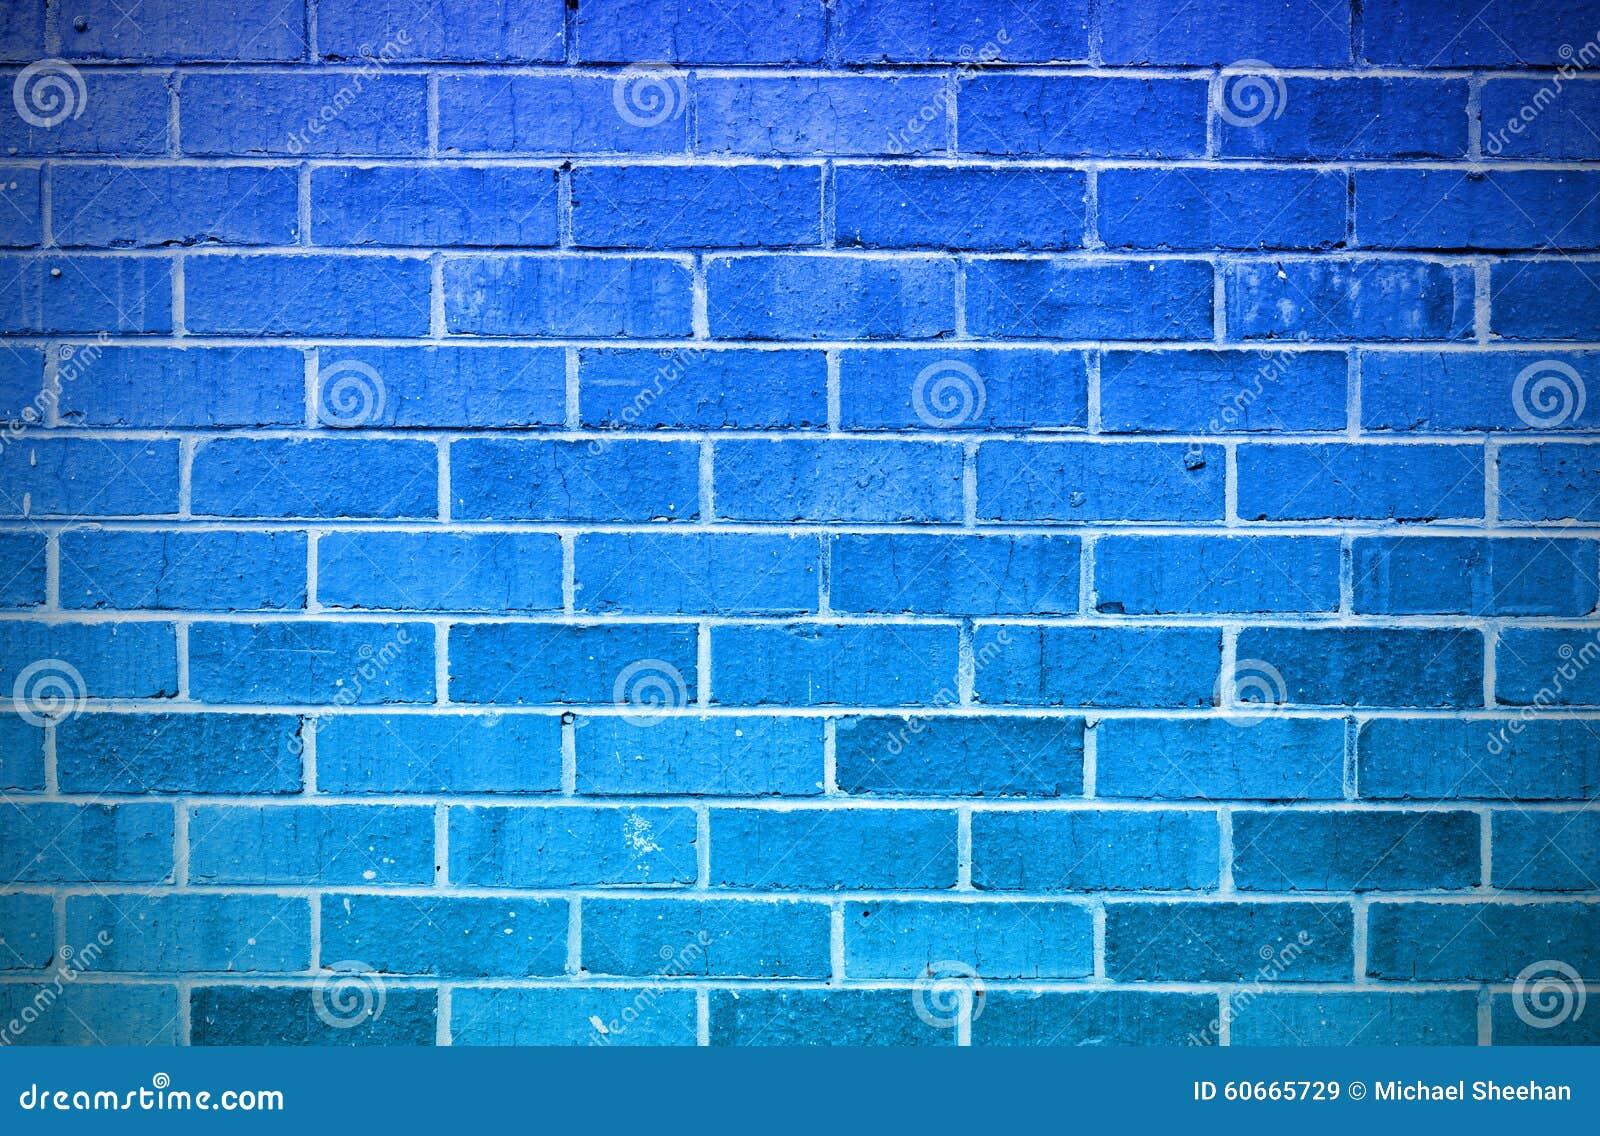 Pared de ladrillo azul imagen de archivo imagen de - Ladrillos de colores ...